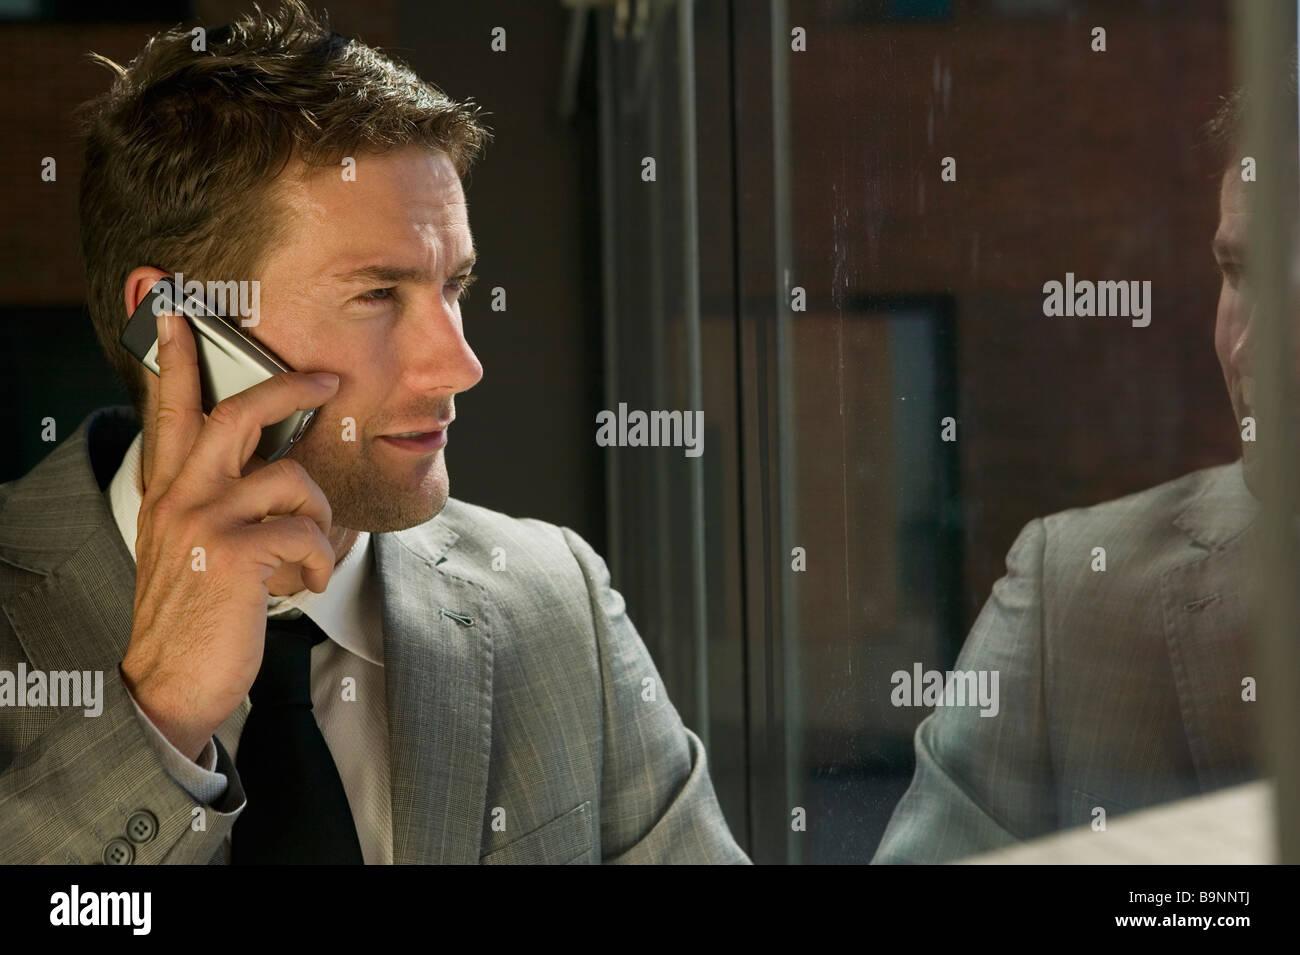 Porträt der Geschäftsmann gegenüber Fenster telefonieren mit Handy Stockbild